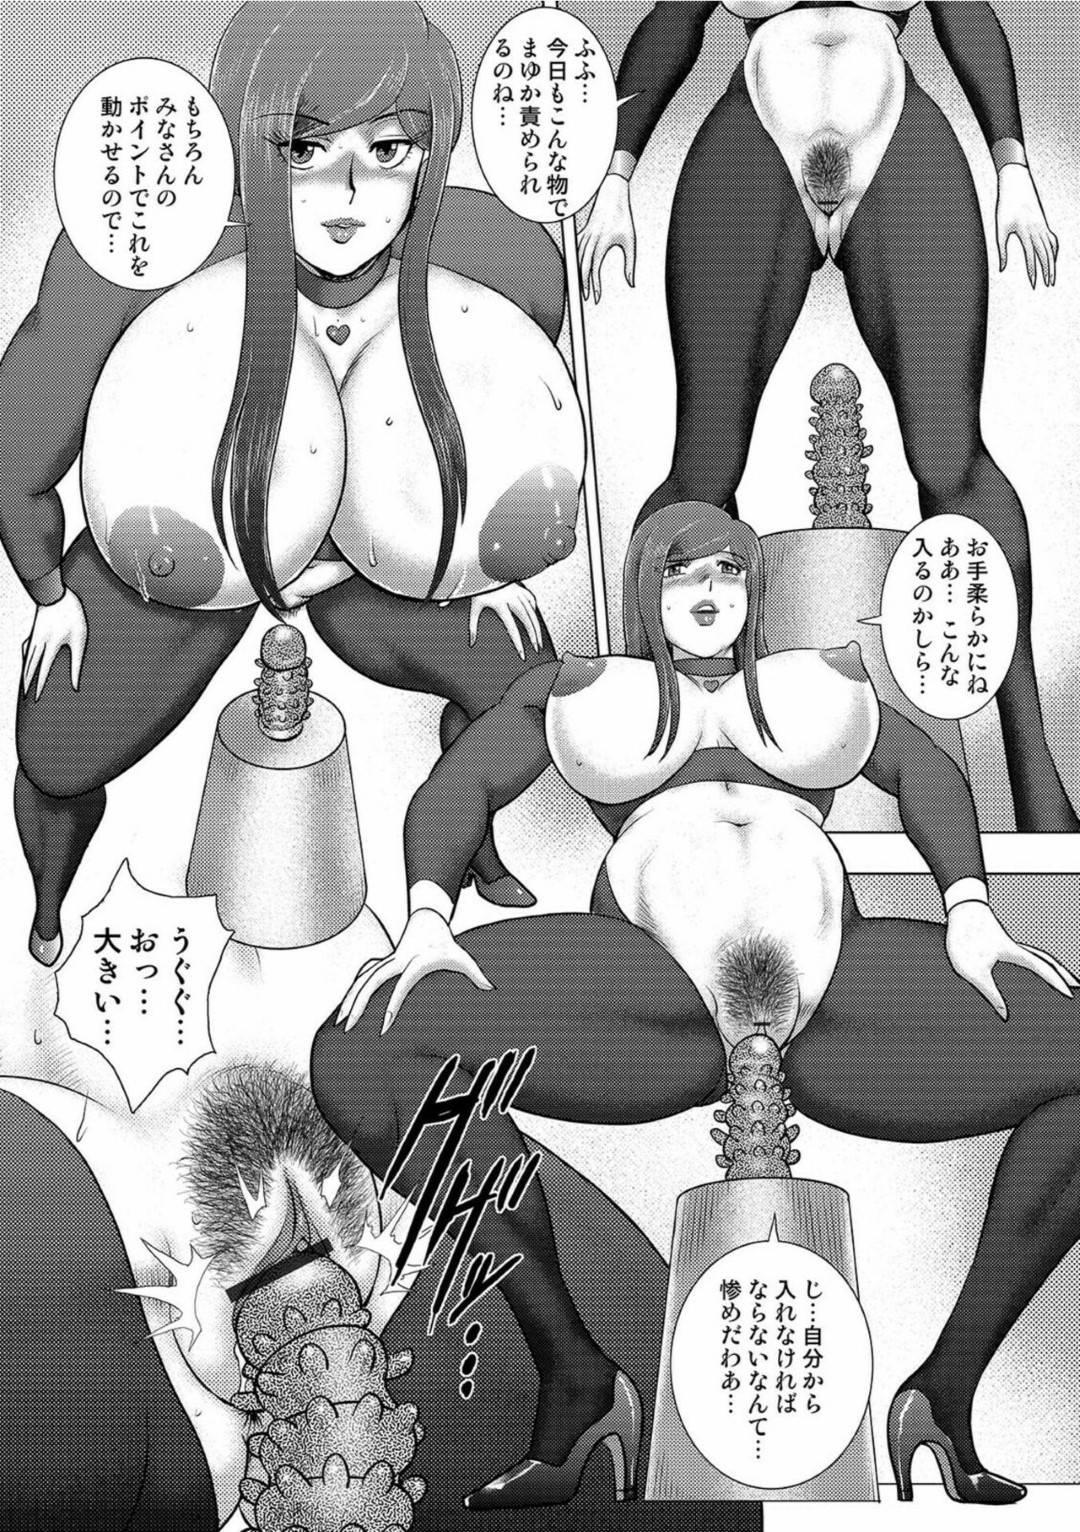 【エロ漫画】かつてトップアイドルとして一世を風靡した後結婚した巨乳人妻…しかし過去に枕営業をしていたことで偏執的なファンに家庭まで乗り込まれその日から徐々に家庭がおかしくなっていく!【まいなぁぼぉい】